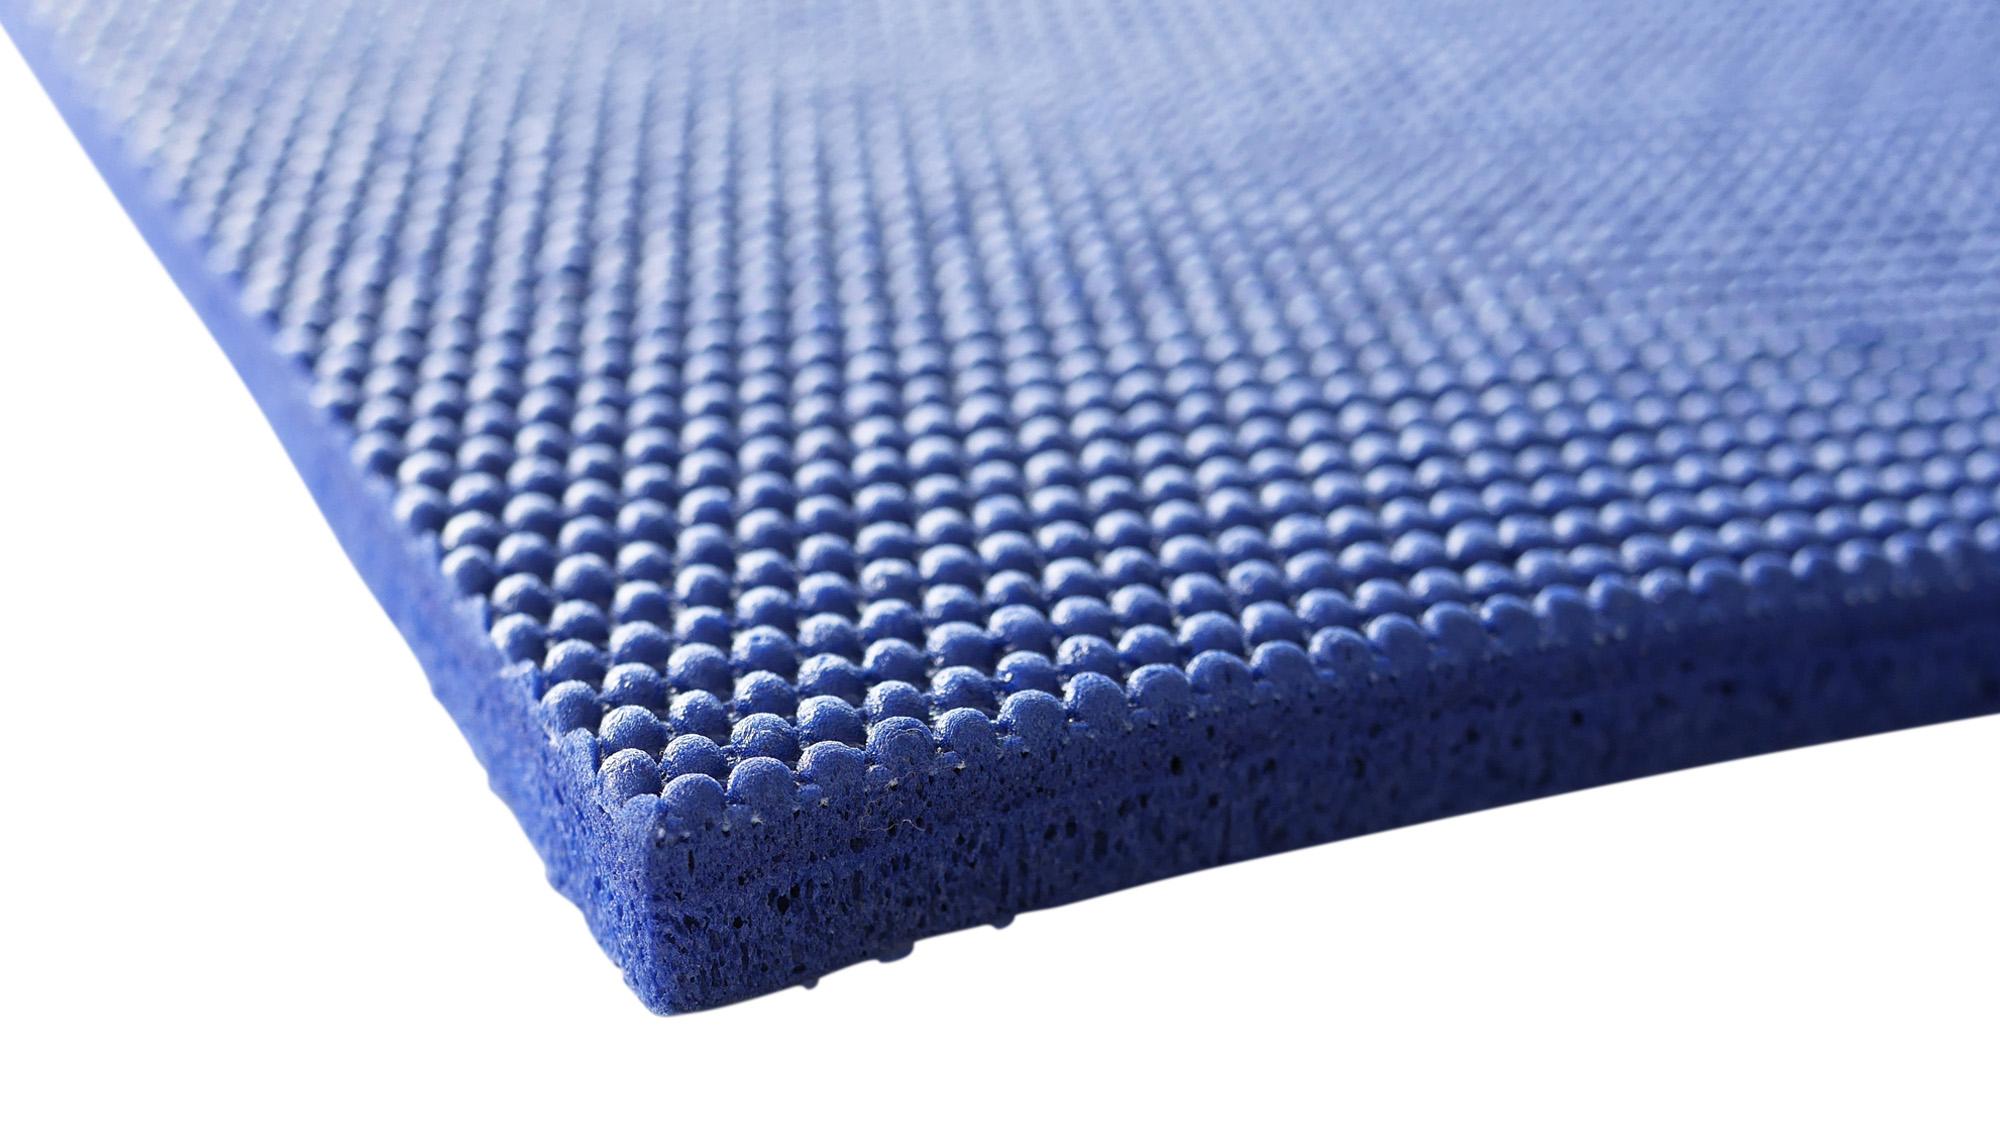 Das Knee Pad besteht aus dem gleichen Premiumschaumstoff, der auch bei der Shanti Mat XXL zum Einsatz kommt.